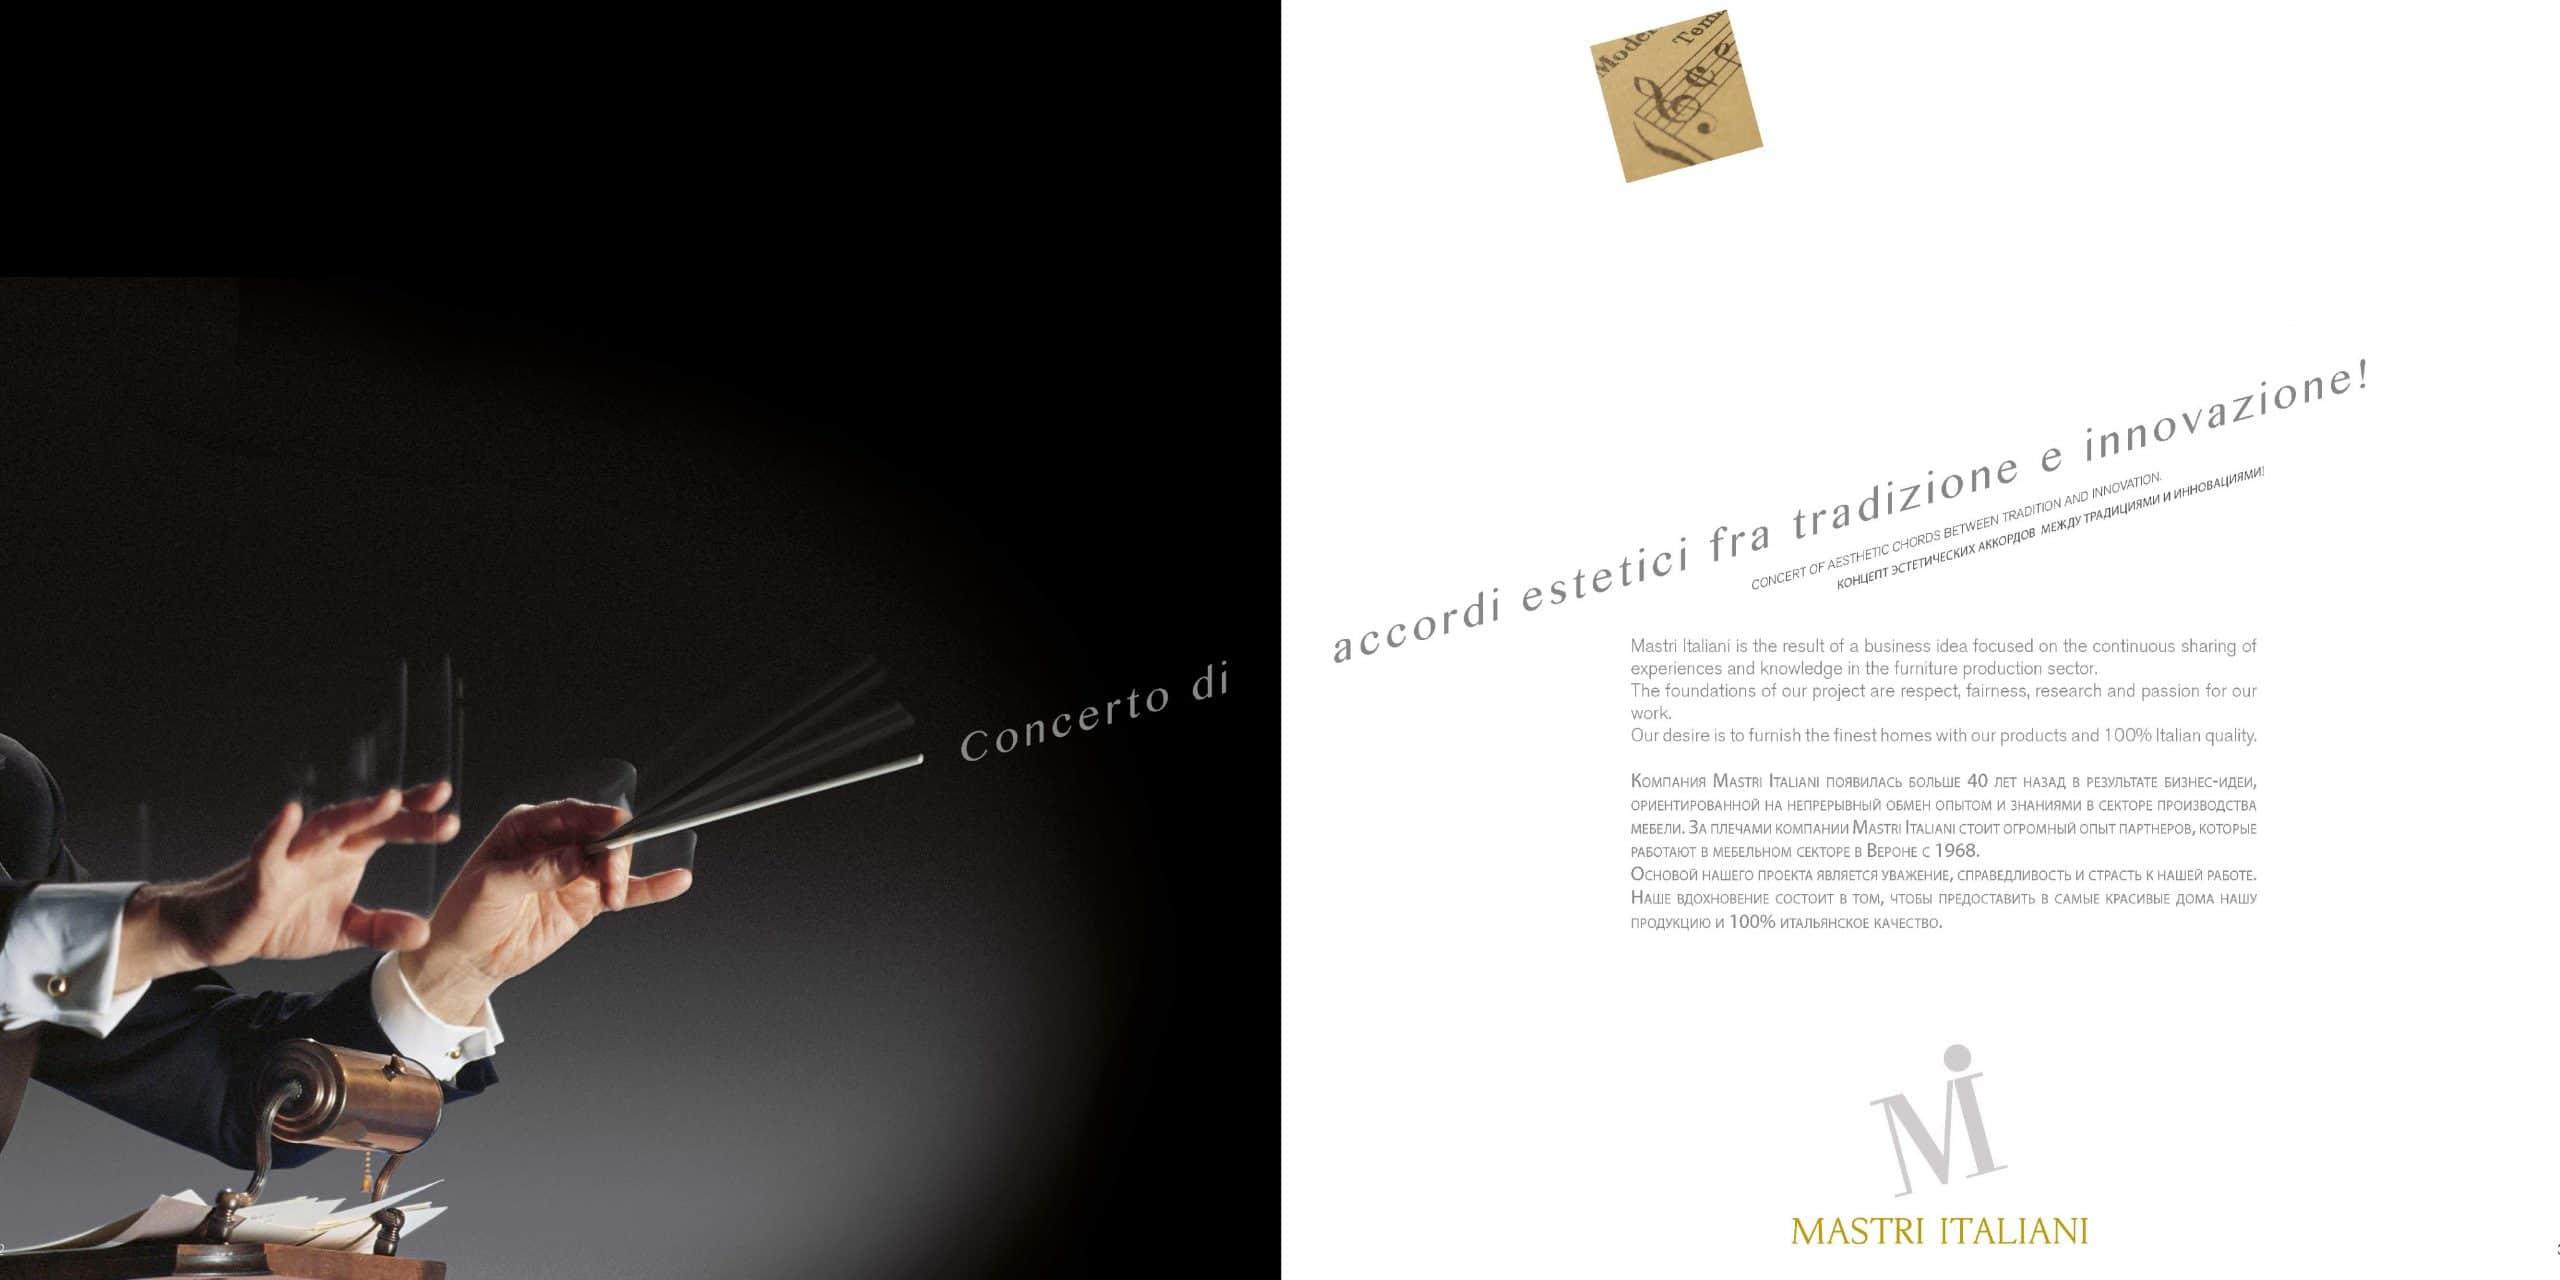 Catalogo-Mastri-Italiani- restyling-logo-aziendale-padova1